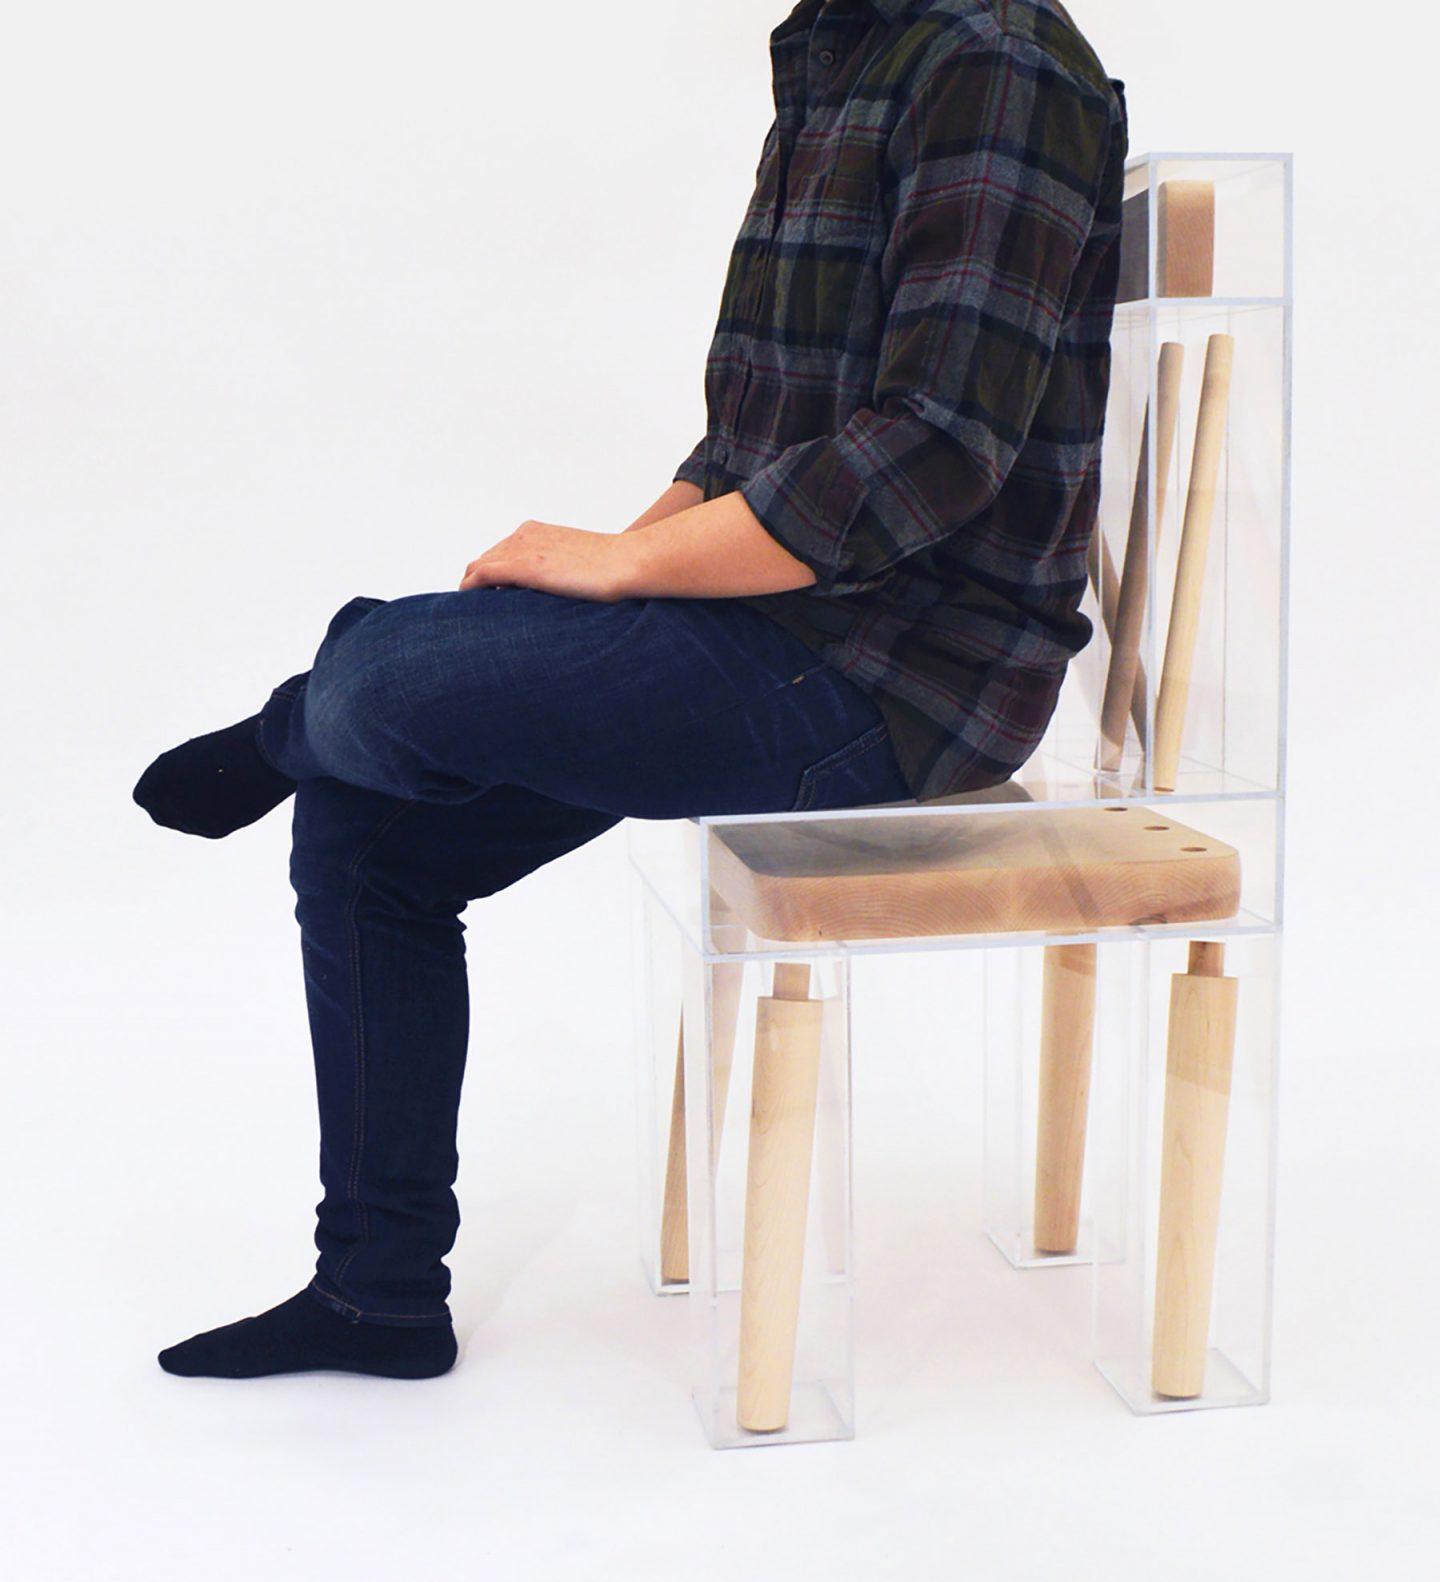 iGNANT-Design-Joyce-Lin-Exploded-Chair-003